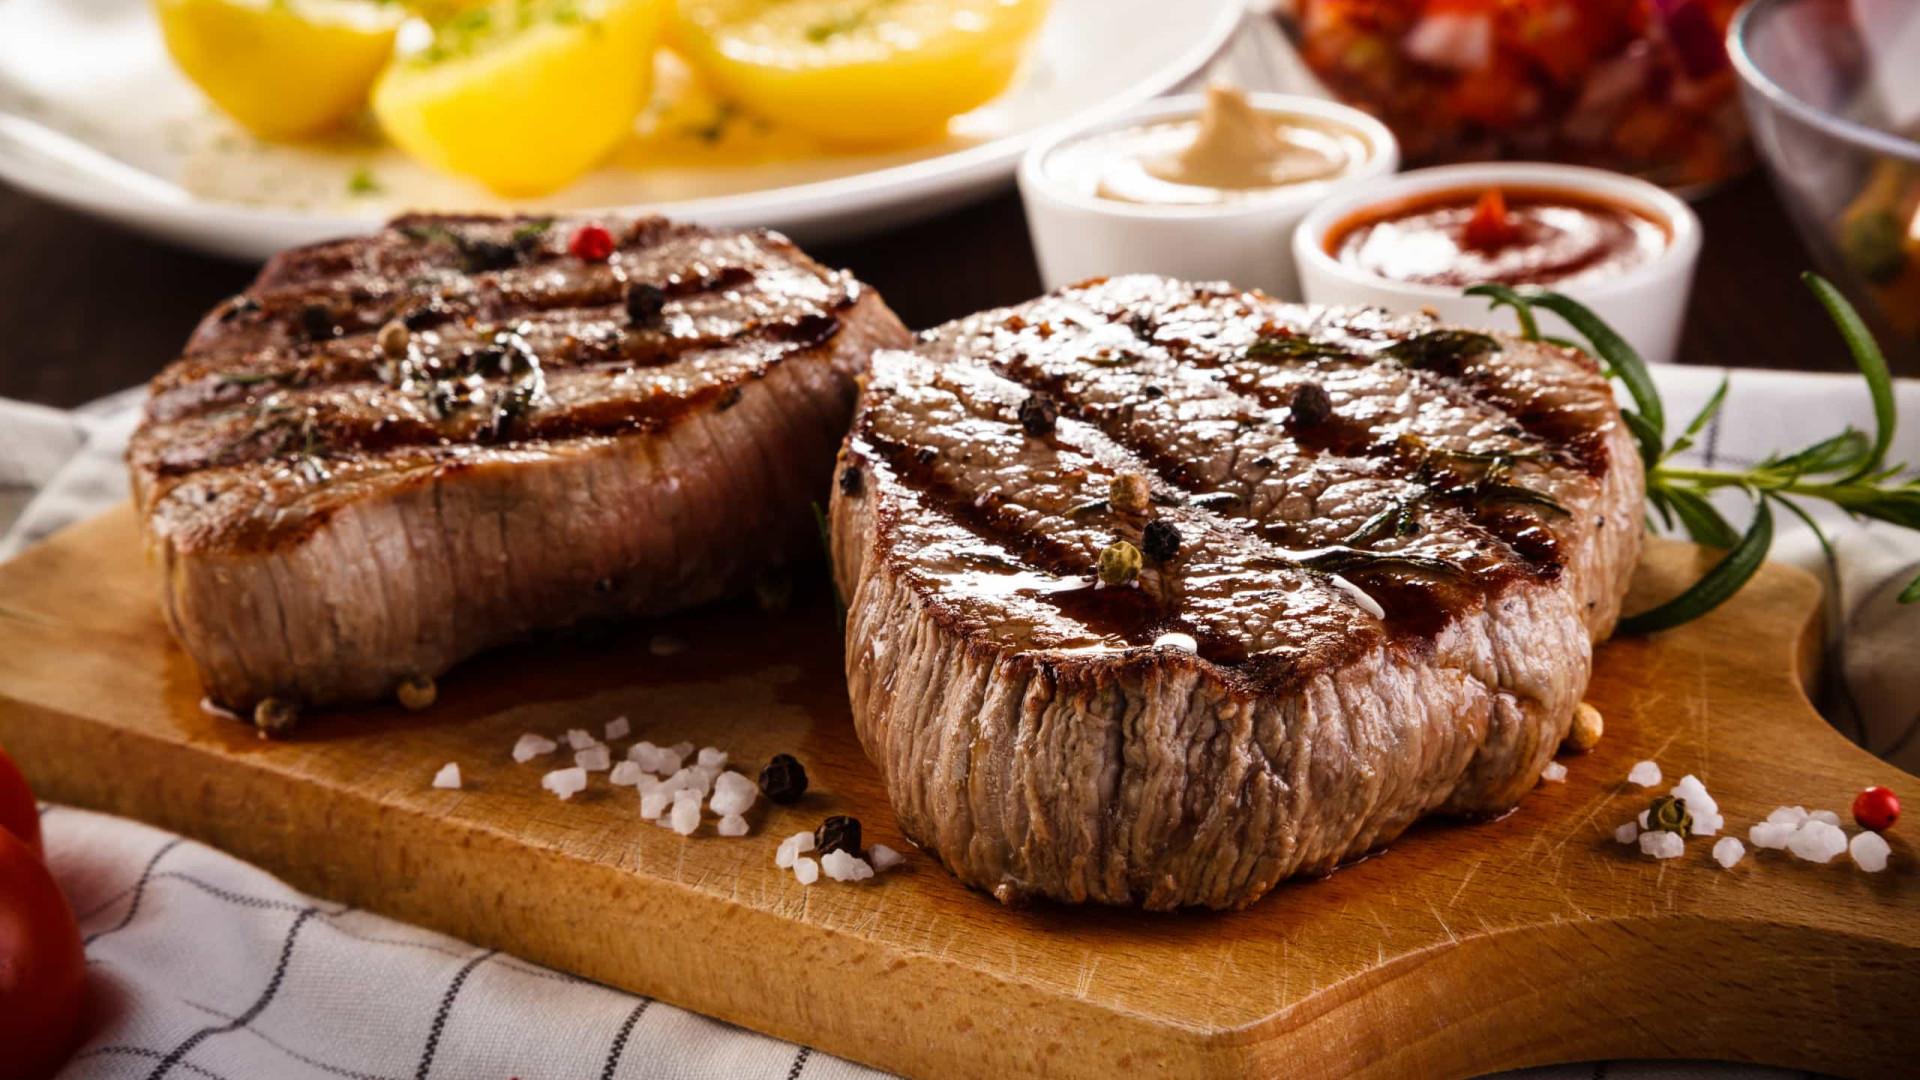 Casino sofre ação na Justiça francesa por comprar carne brasileira